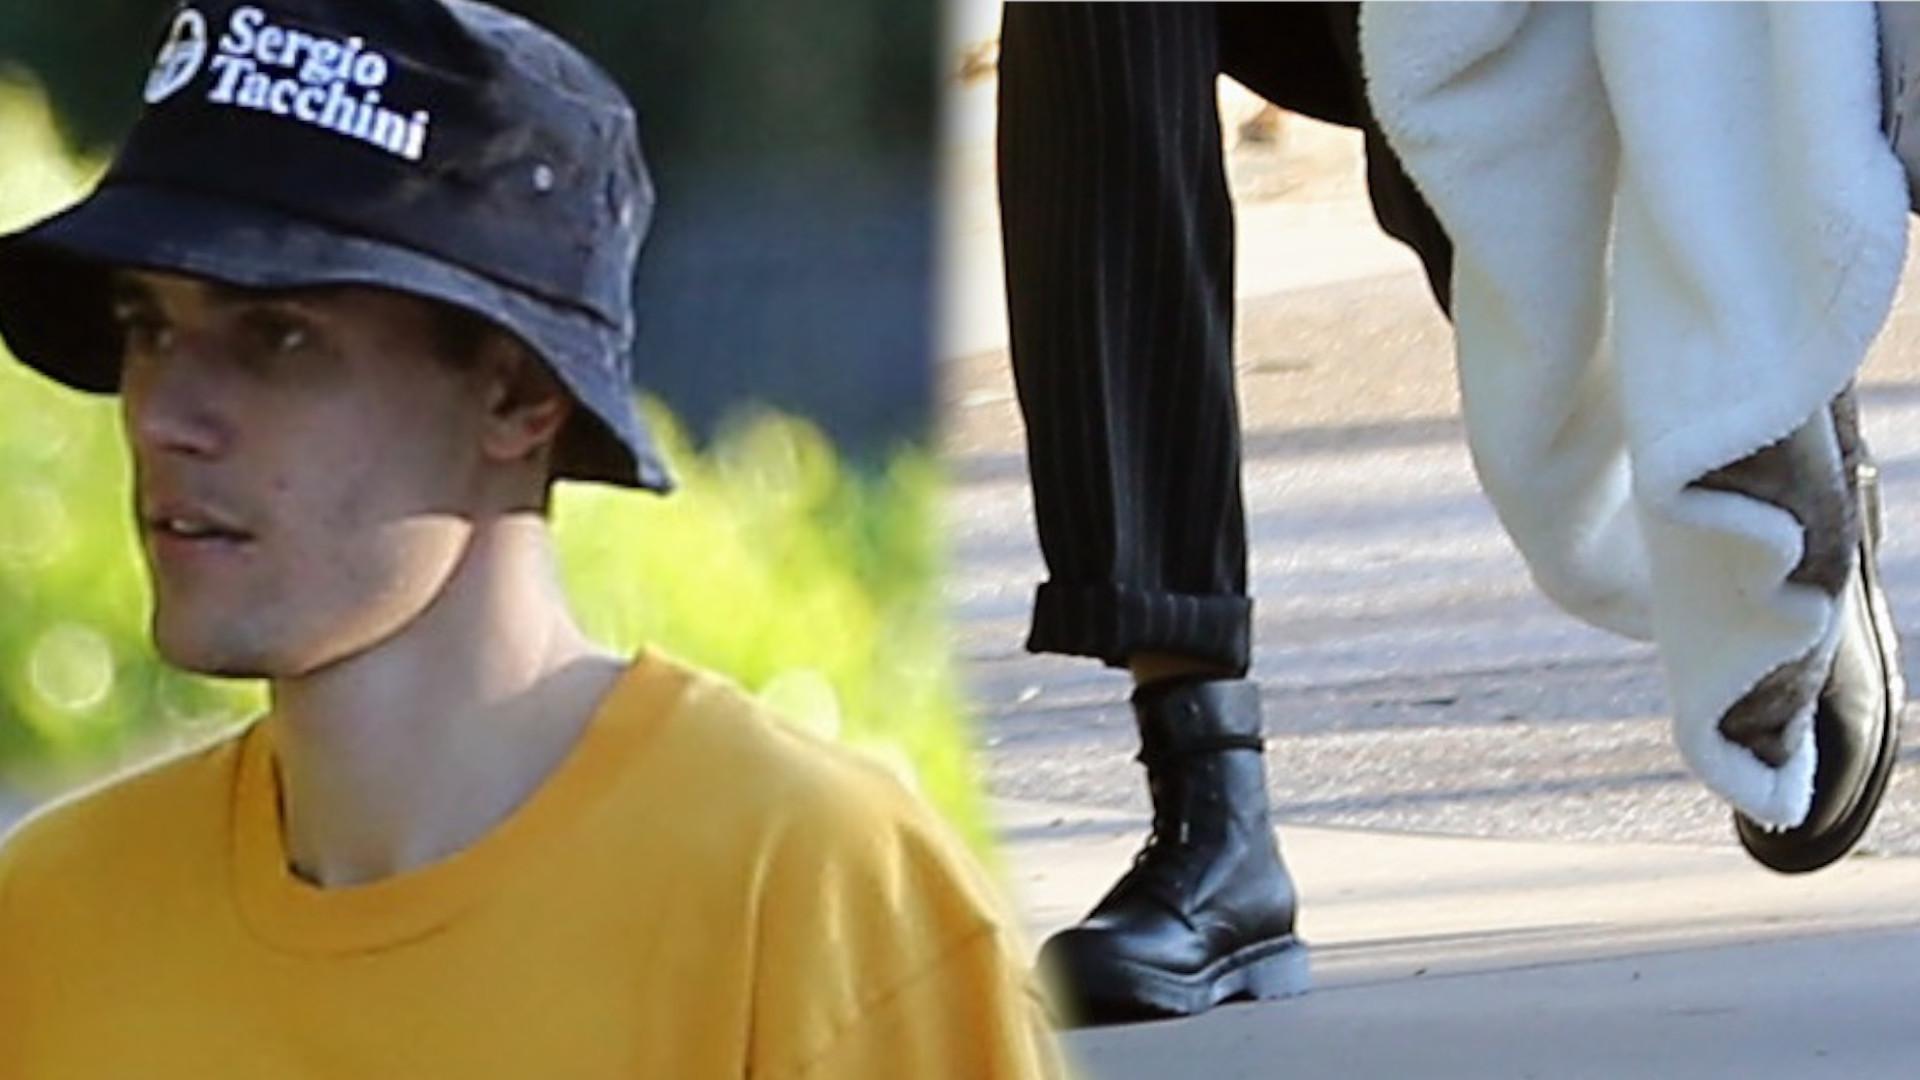 Urocze! Justin i Hailey Bieberowie po ślubie wybrali się na piknik